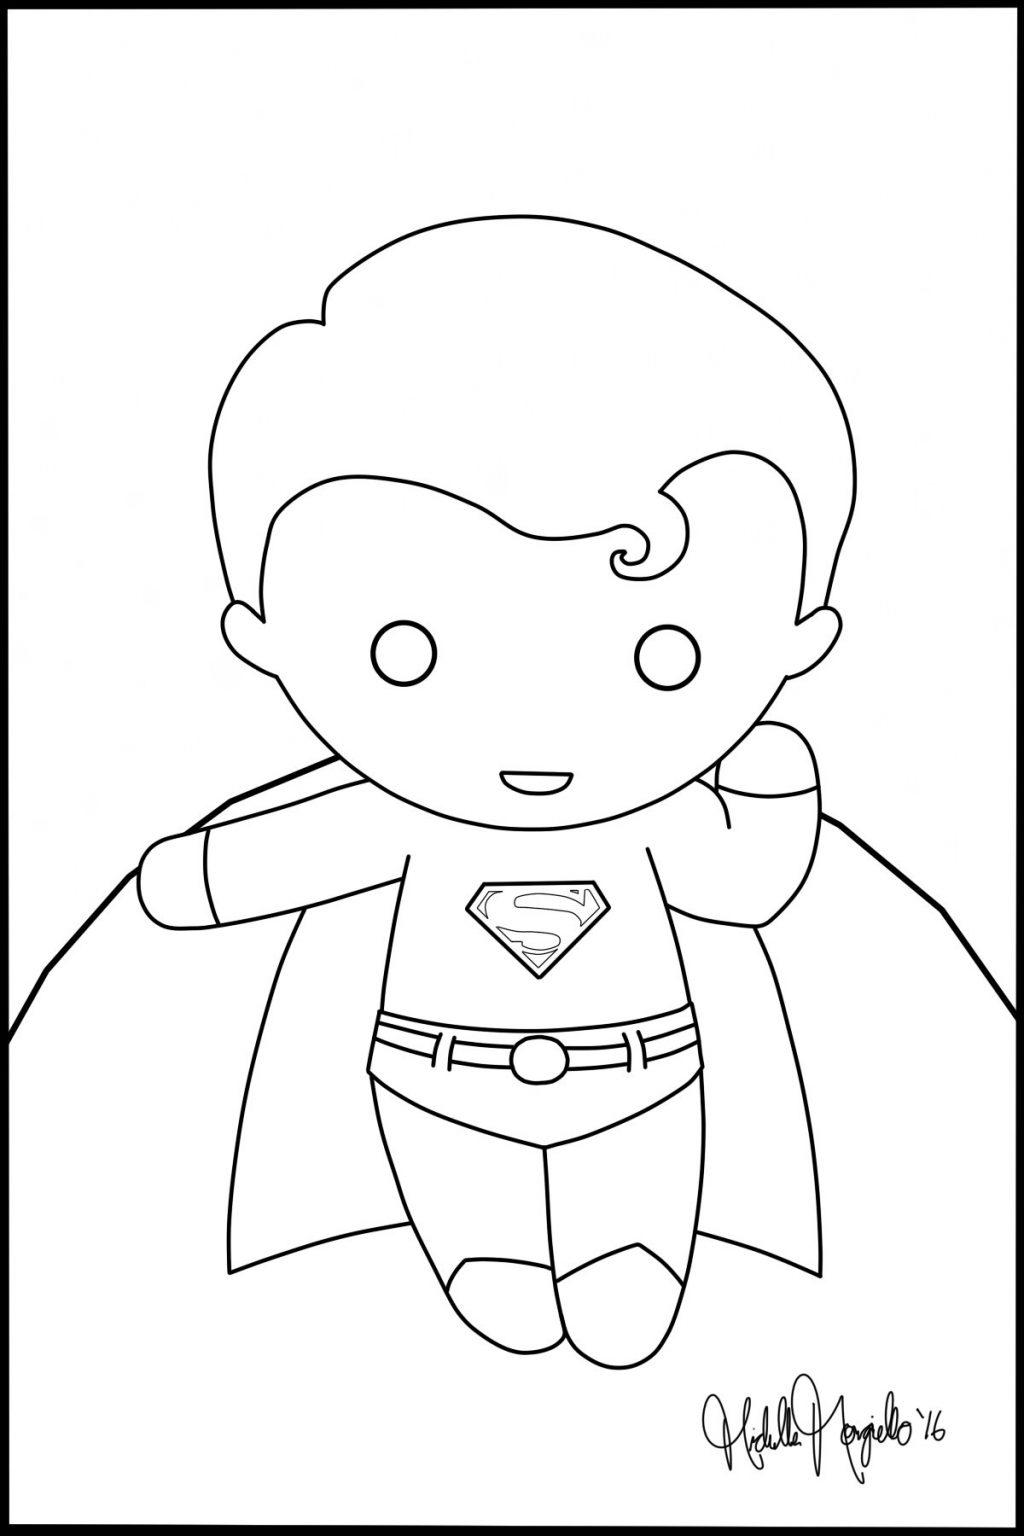 Batman Vs Superman Color Pages Coloring Pages Coloring Page Stunning Superman Pages Batman Vs